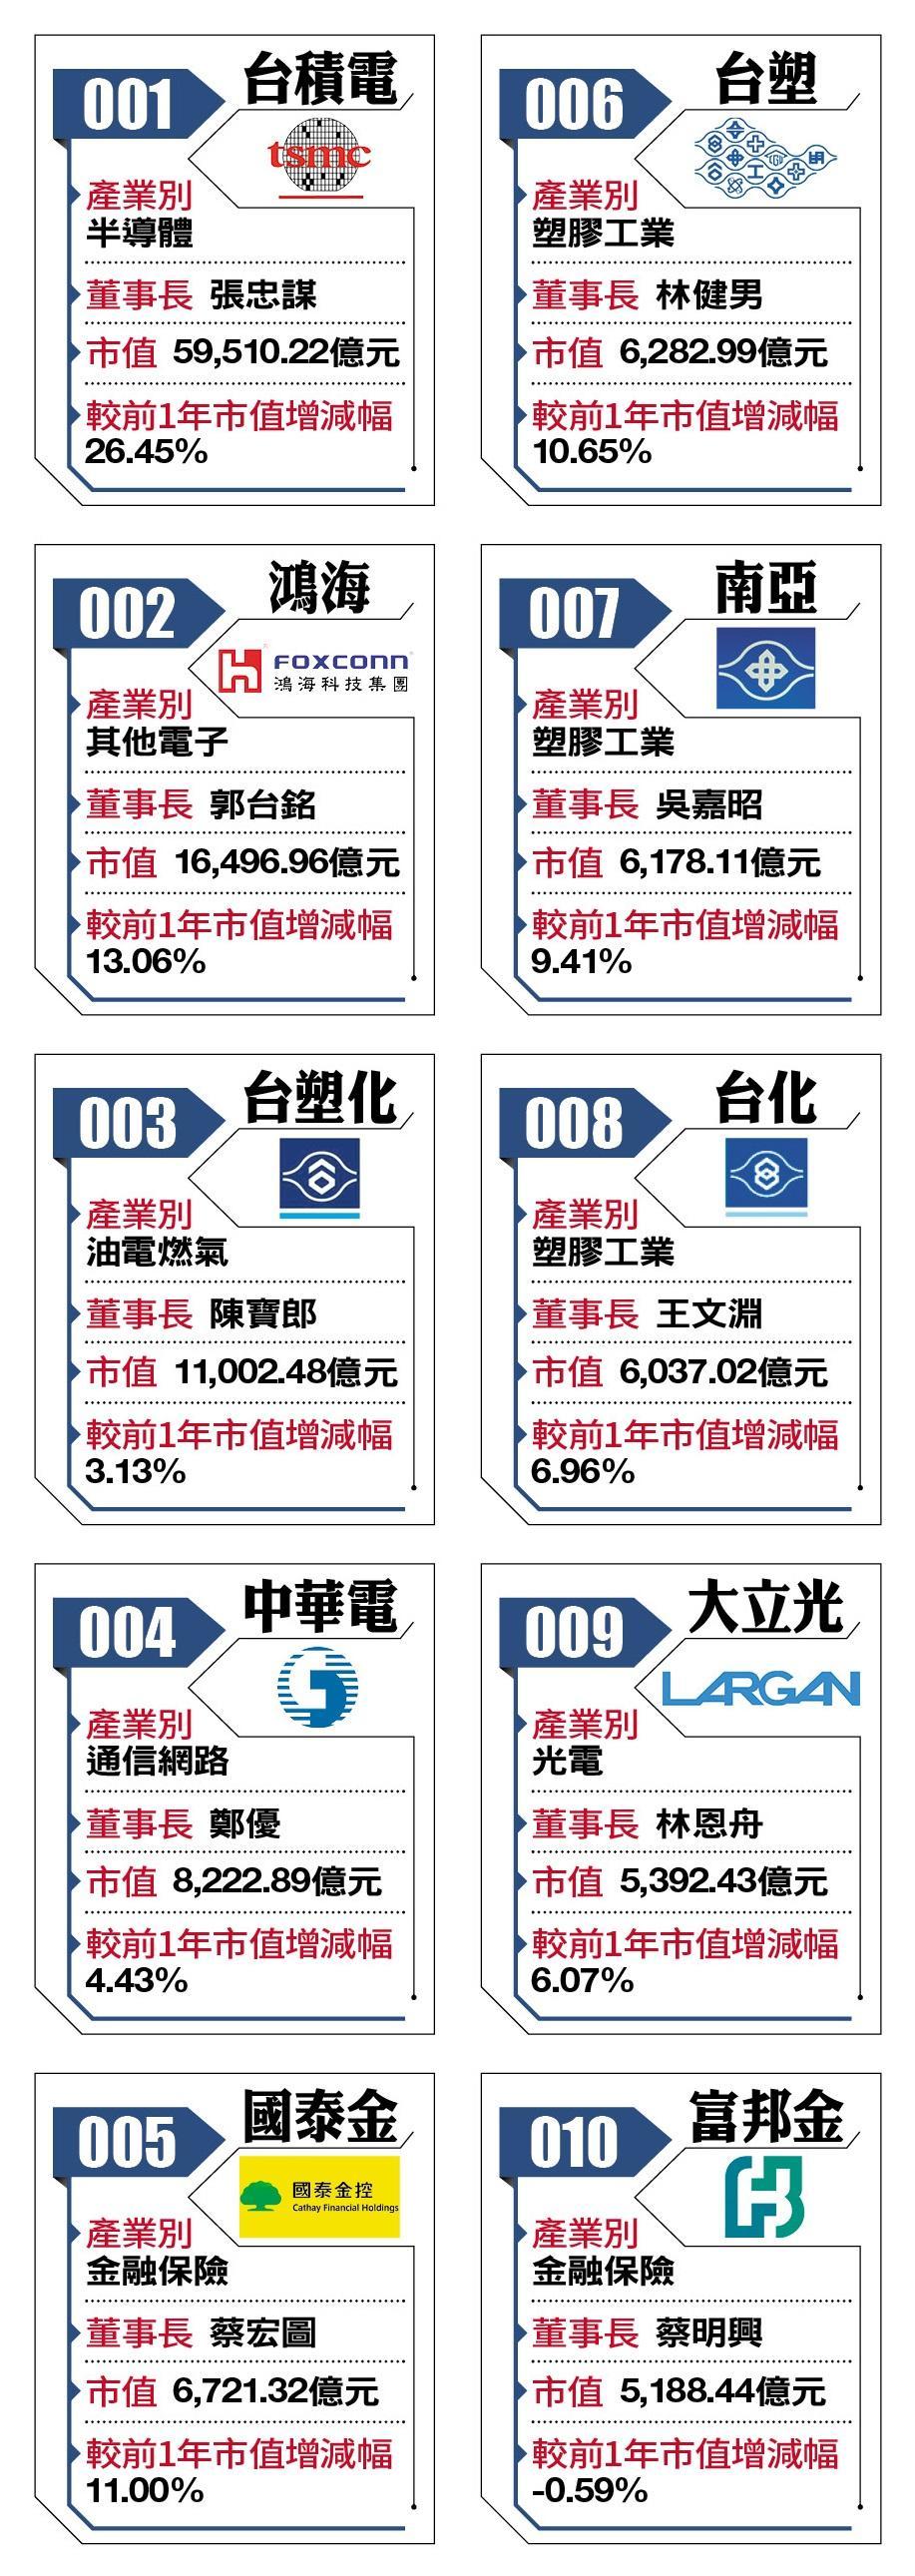 2018台灣百強企業1-10